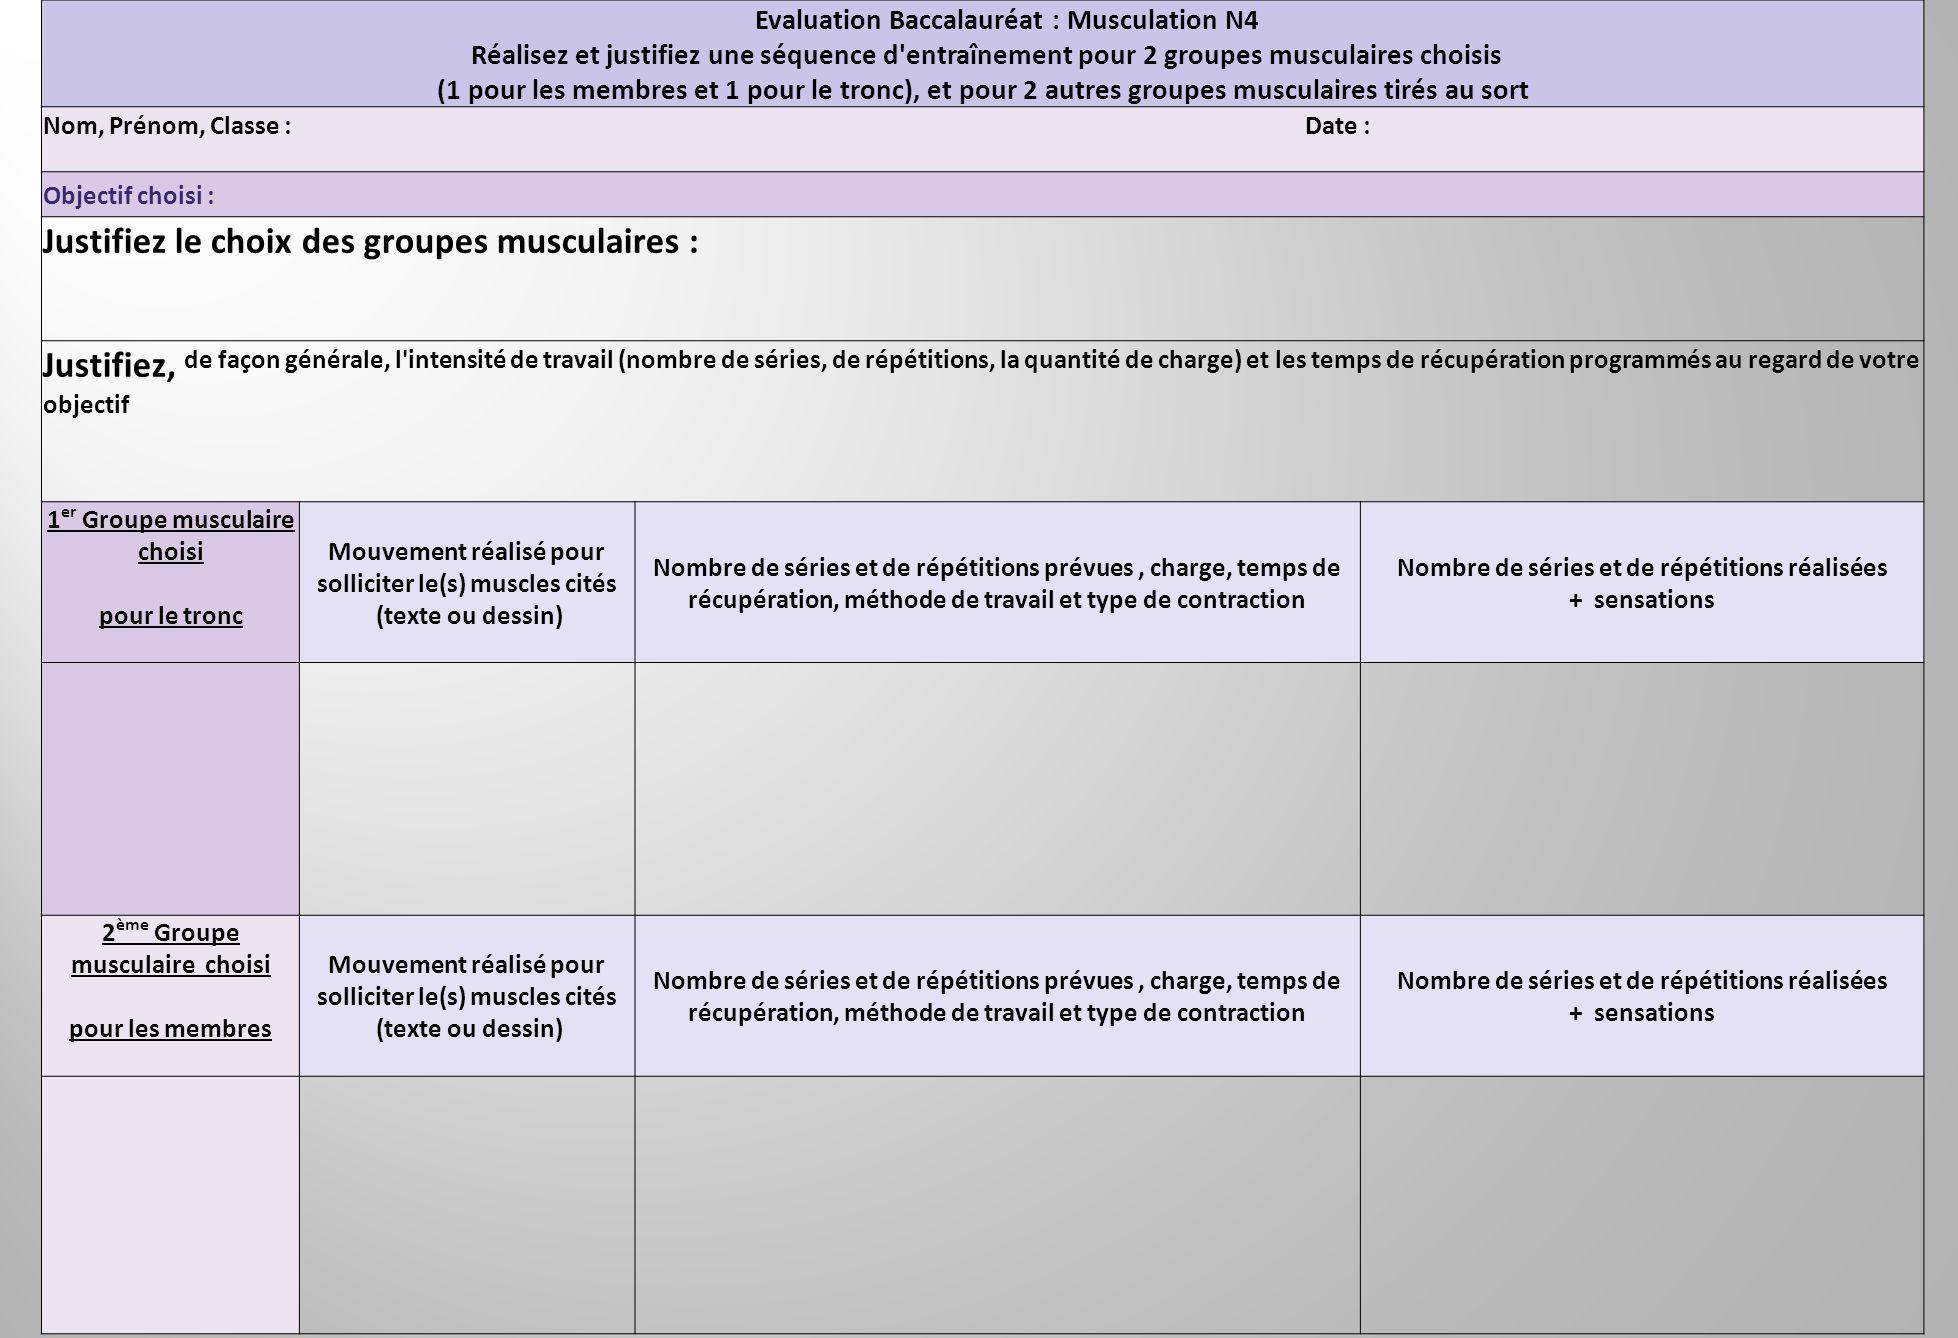 Evaluation Baccalauréat : Musculation N4 Réalisez et justifiez une séquence d'entraînement pour 2 groupes musculaires choisis (1 pour les membres et 1